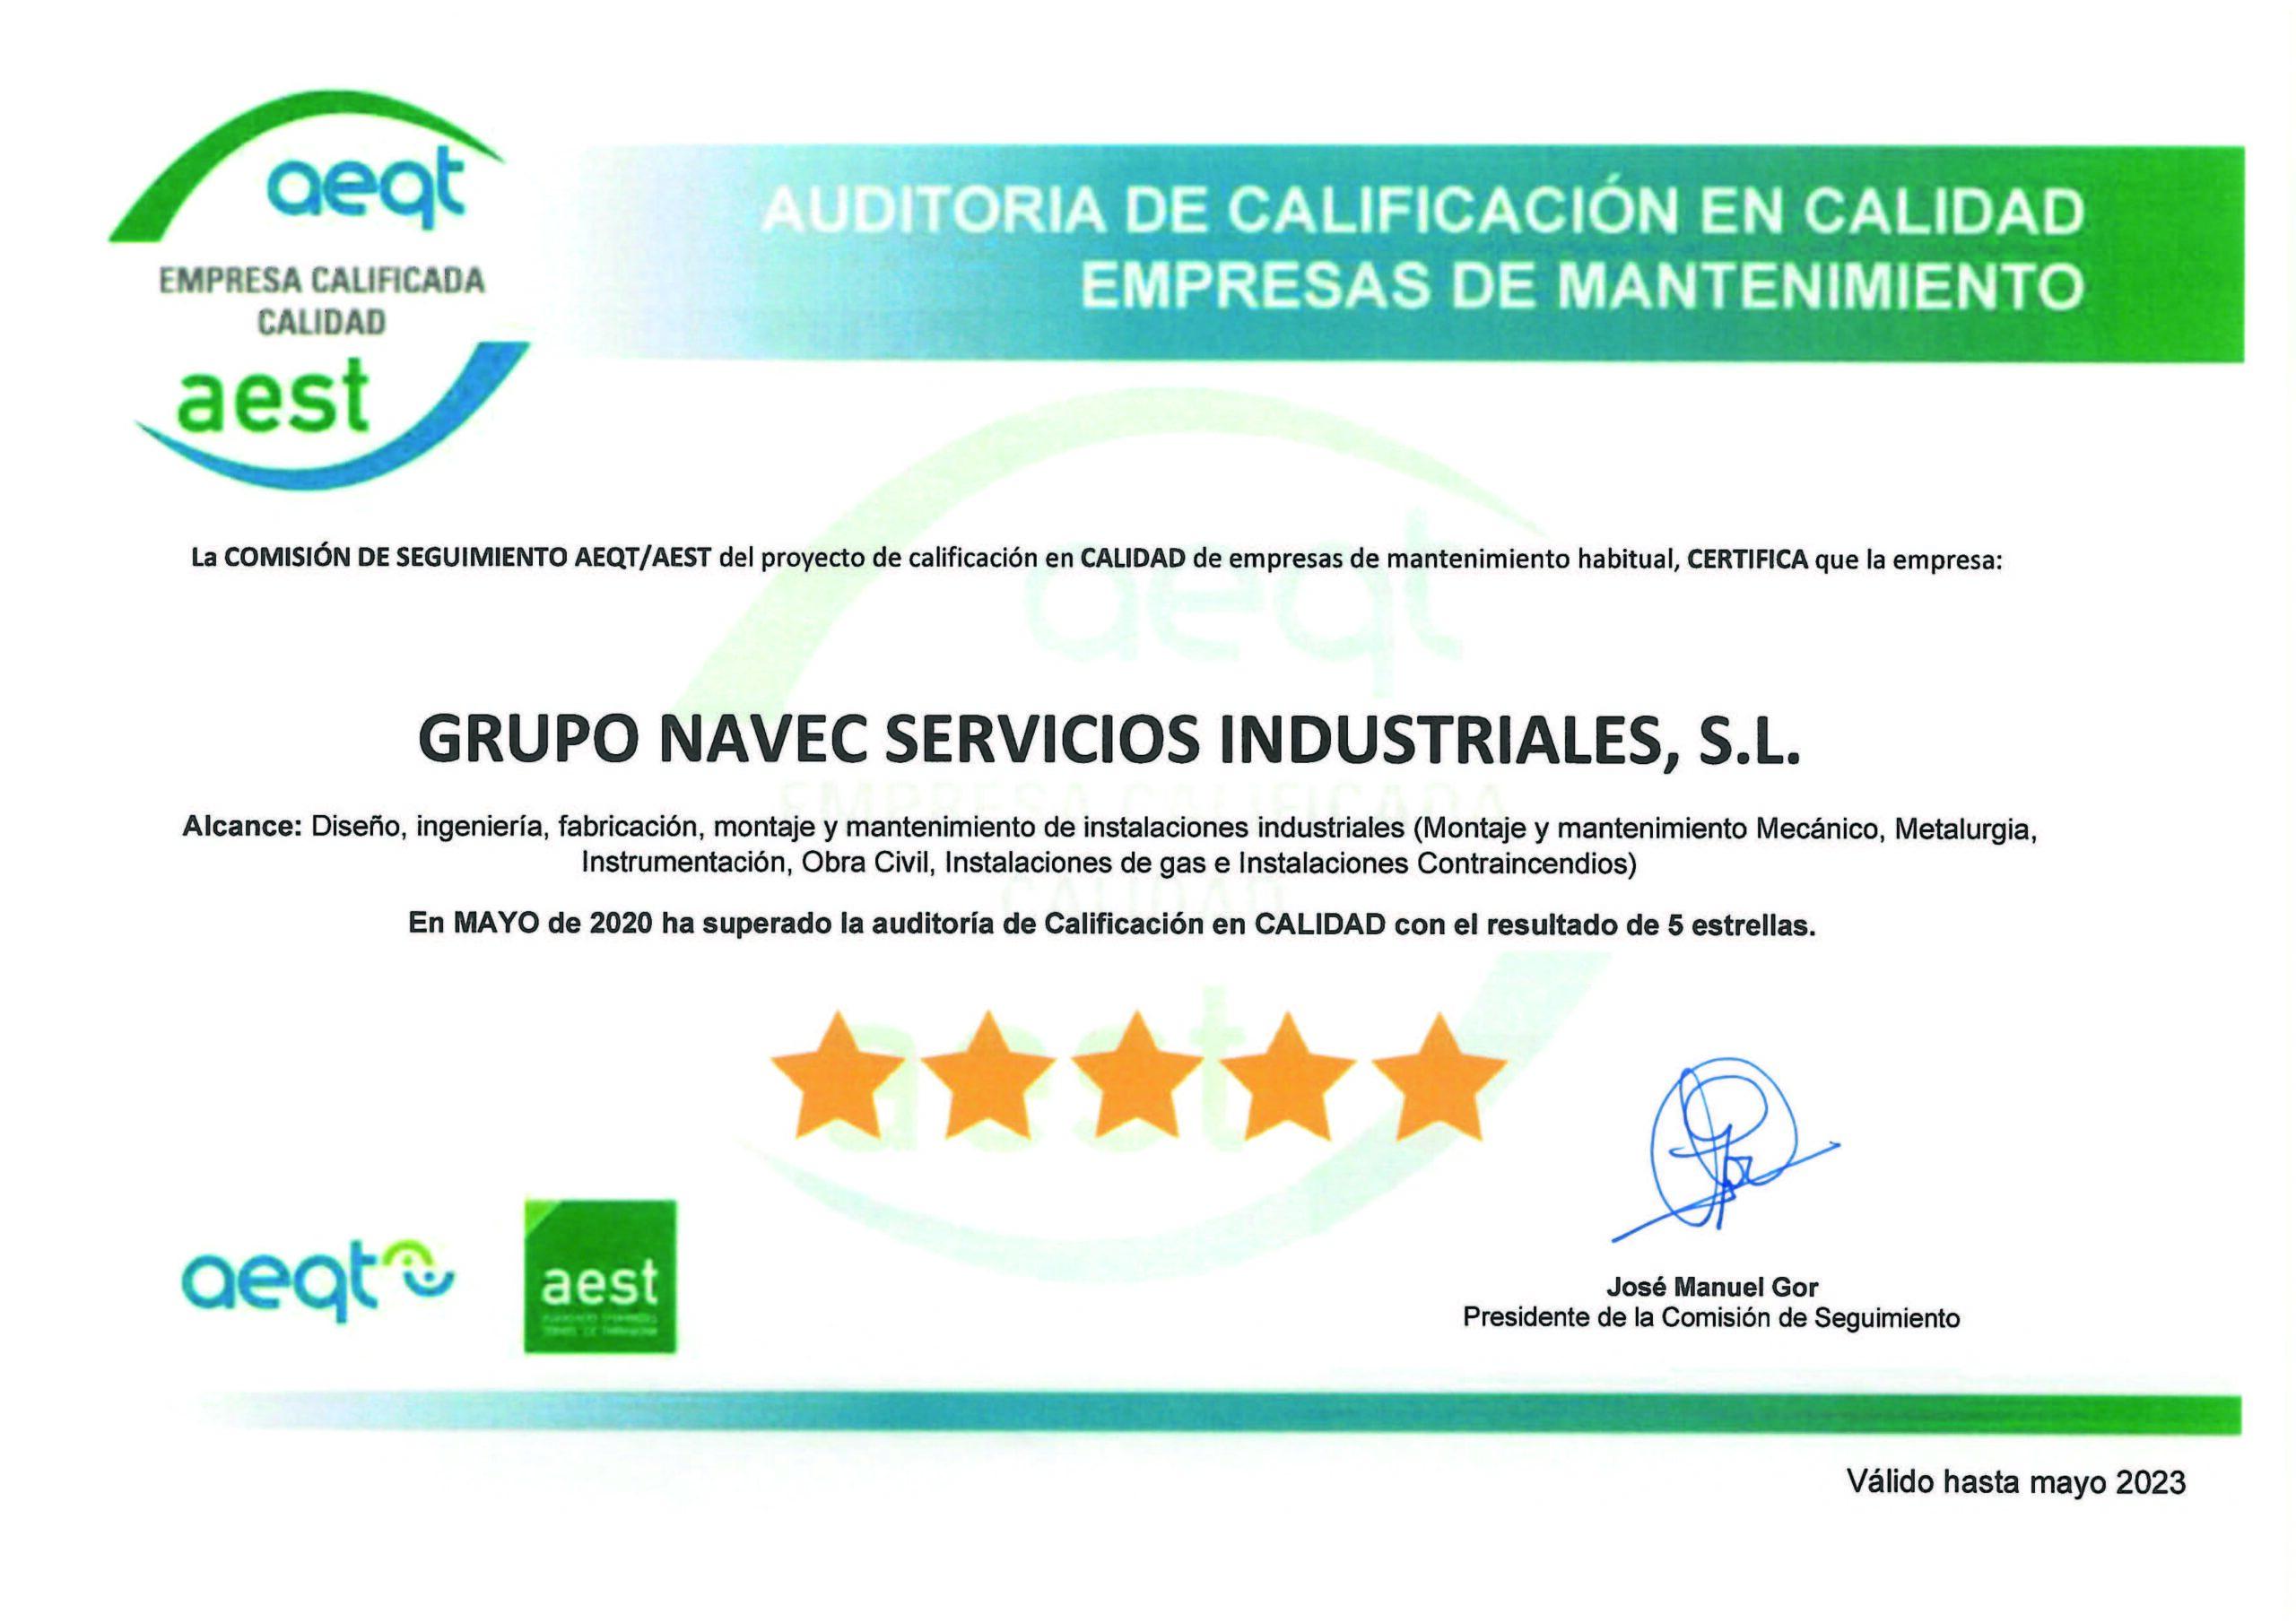 Grupo Navec supera la recertificación en Seguridad y Calidad.